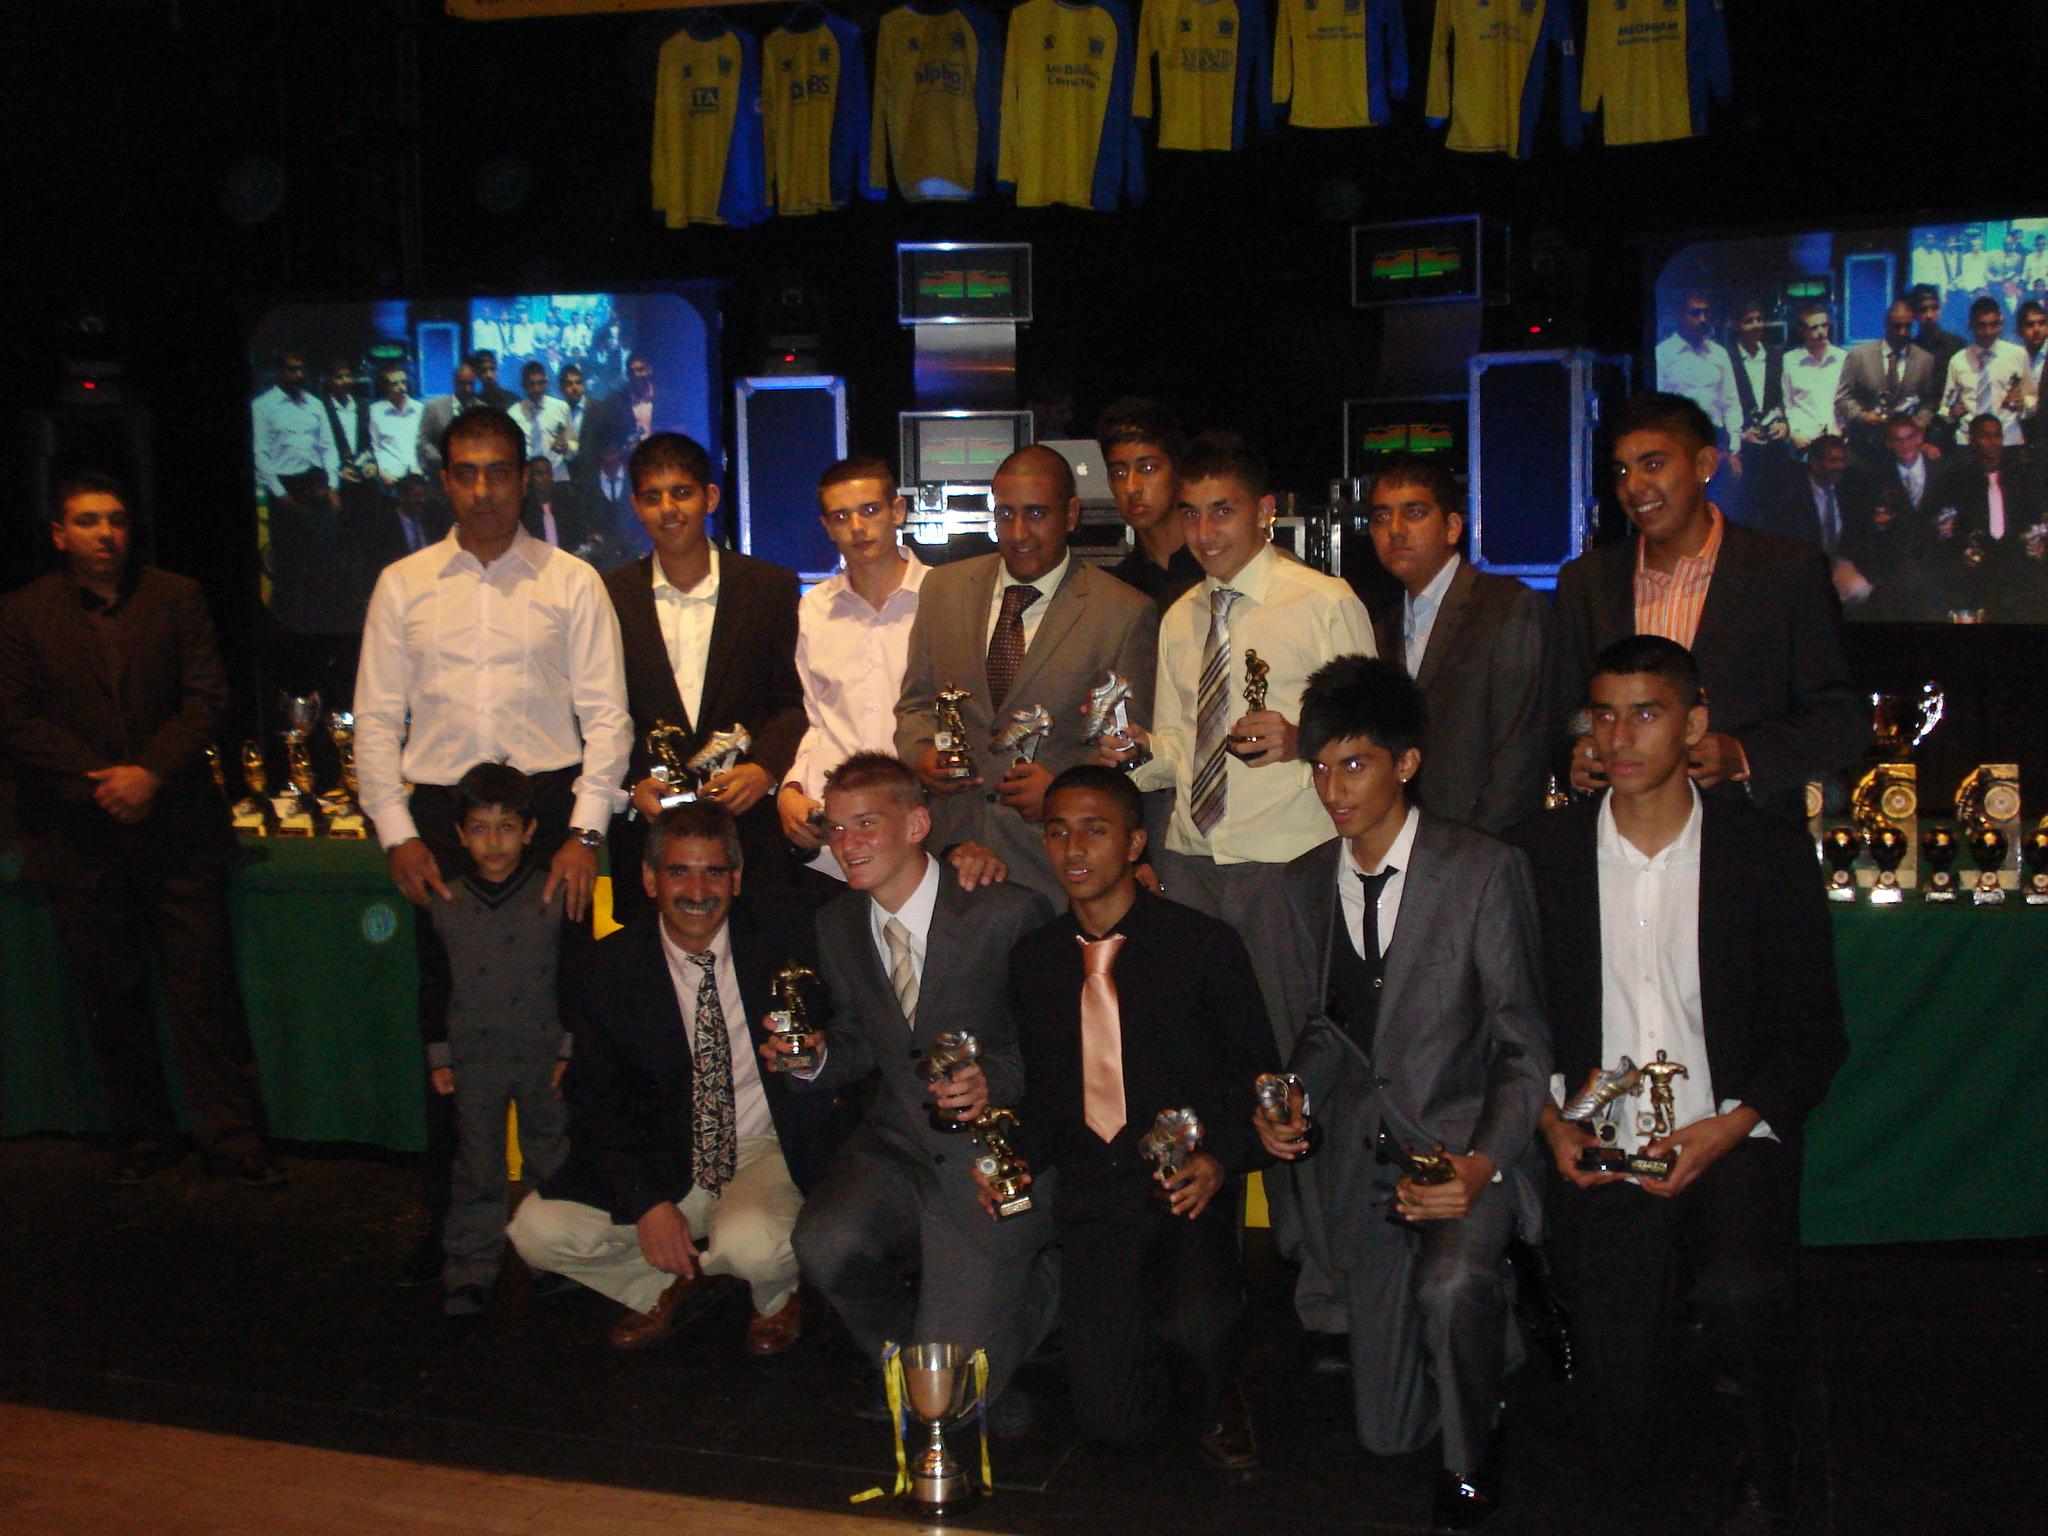 2008 - Under 15's